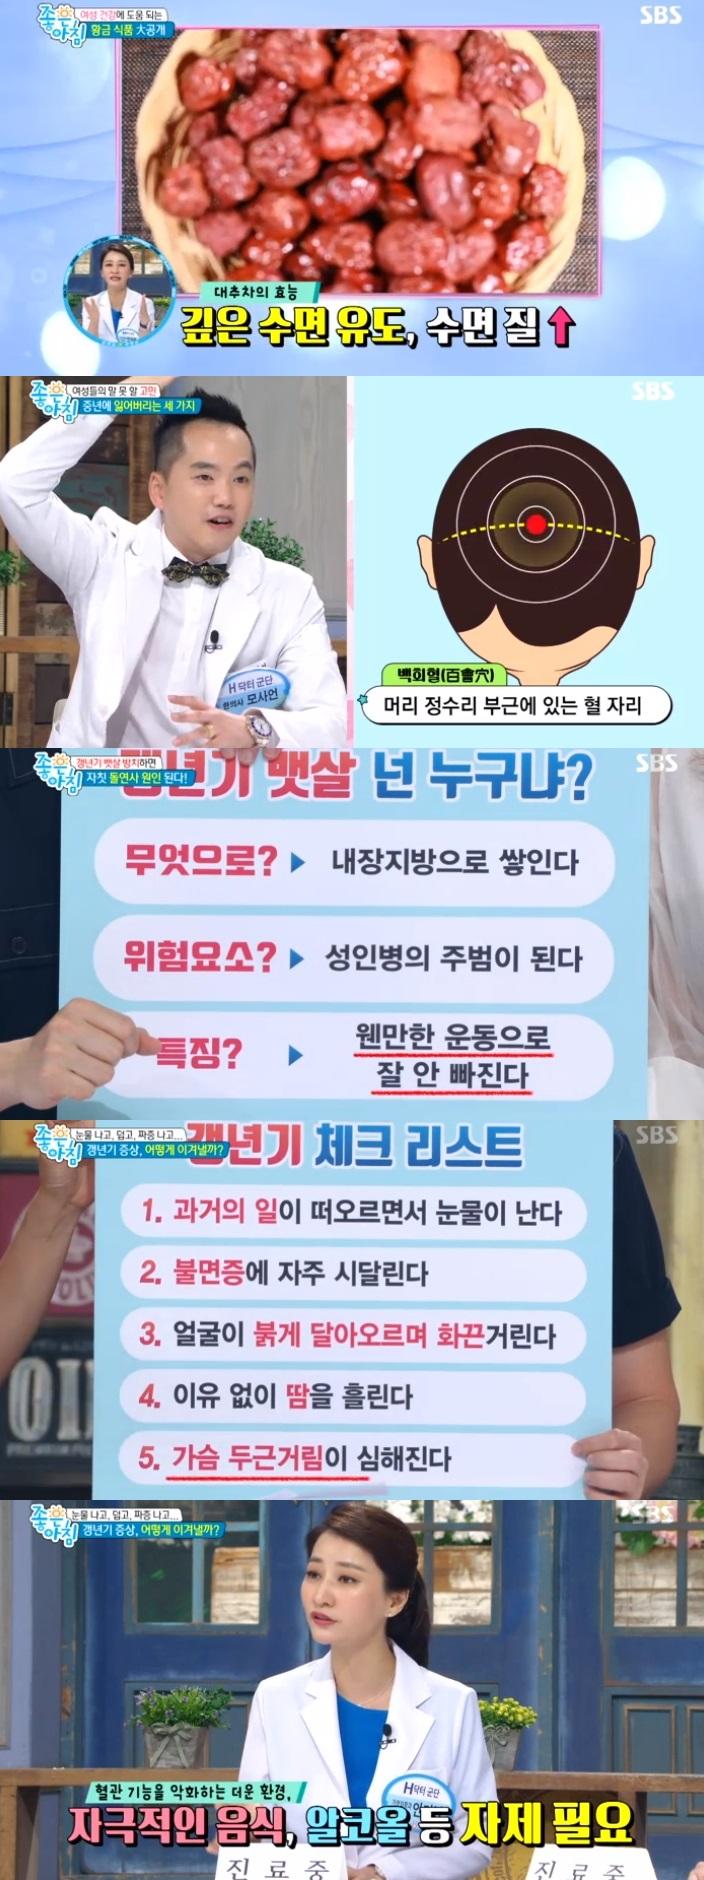 갱년기 / SBS '좋은 아침' 캡처